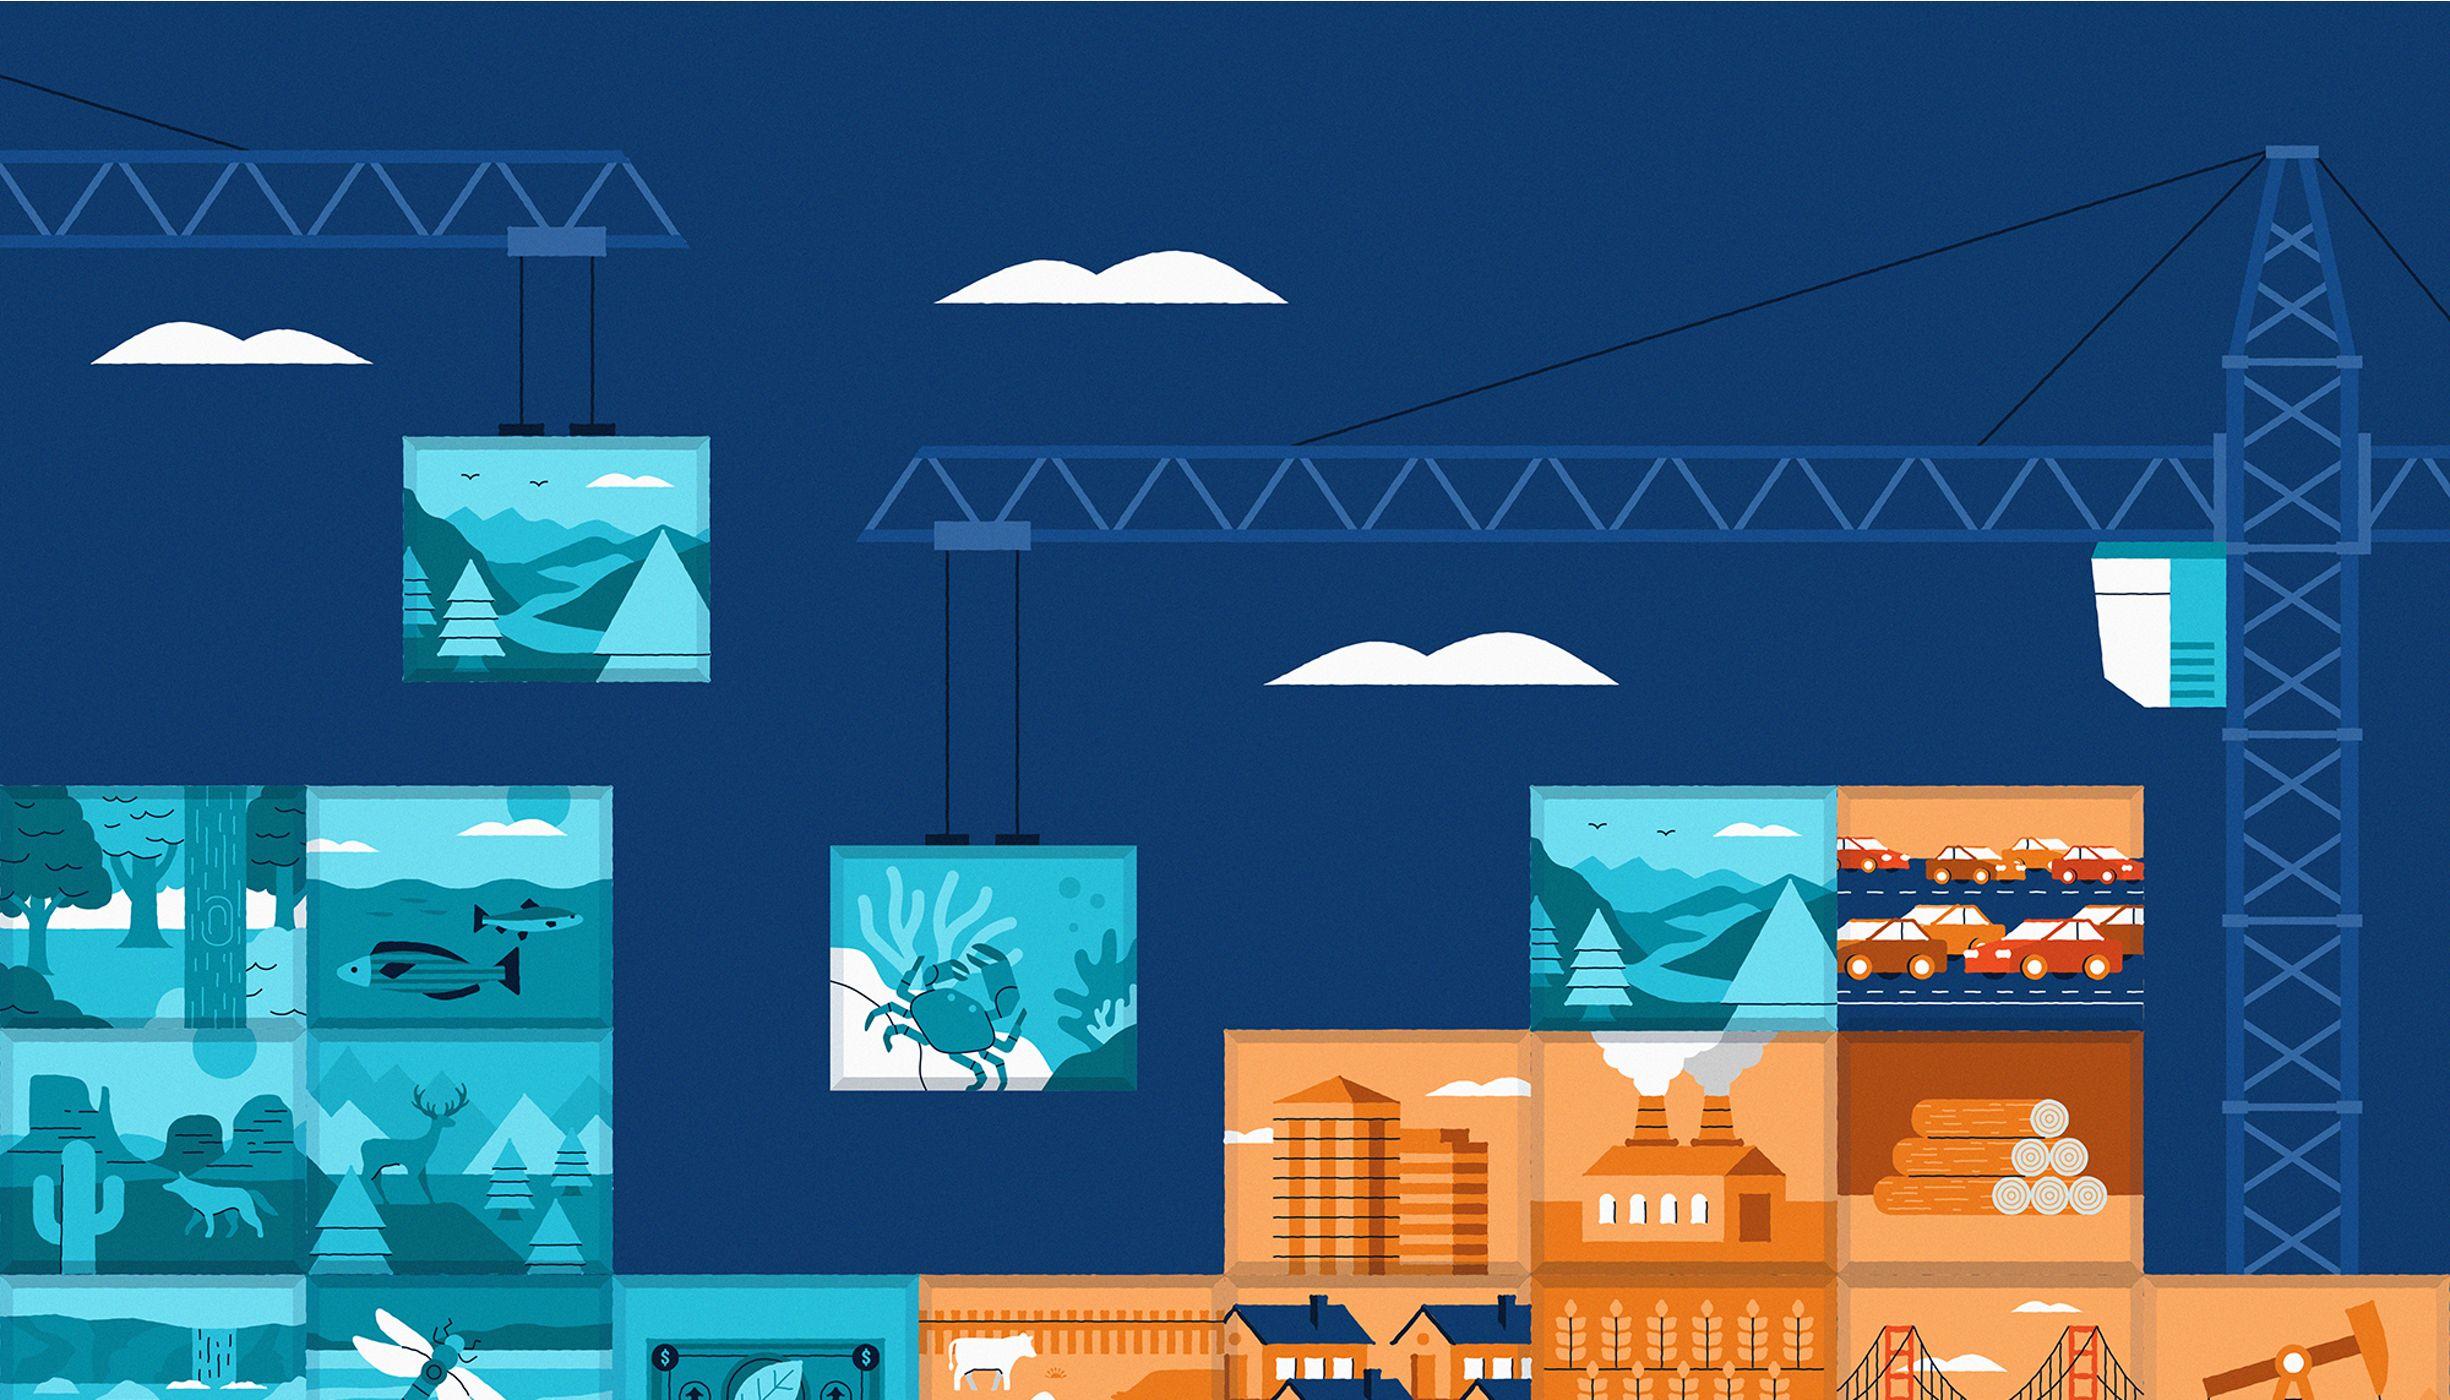 Ilustración de bloques de construcción que representan escenas naturales y escenas humanas, como edificios, apilados junto con una grúa